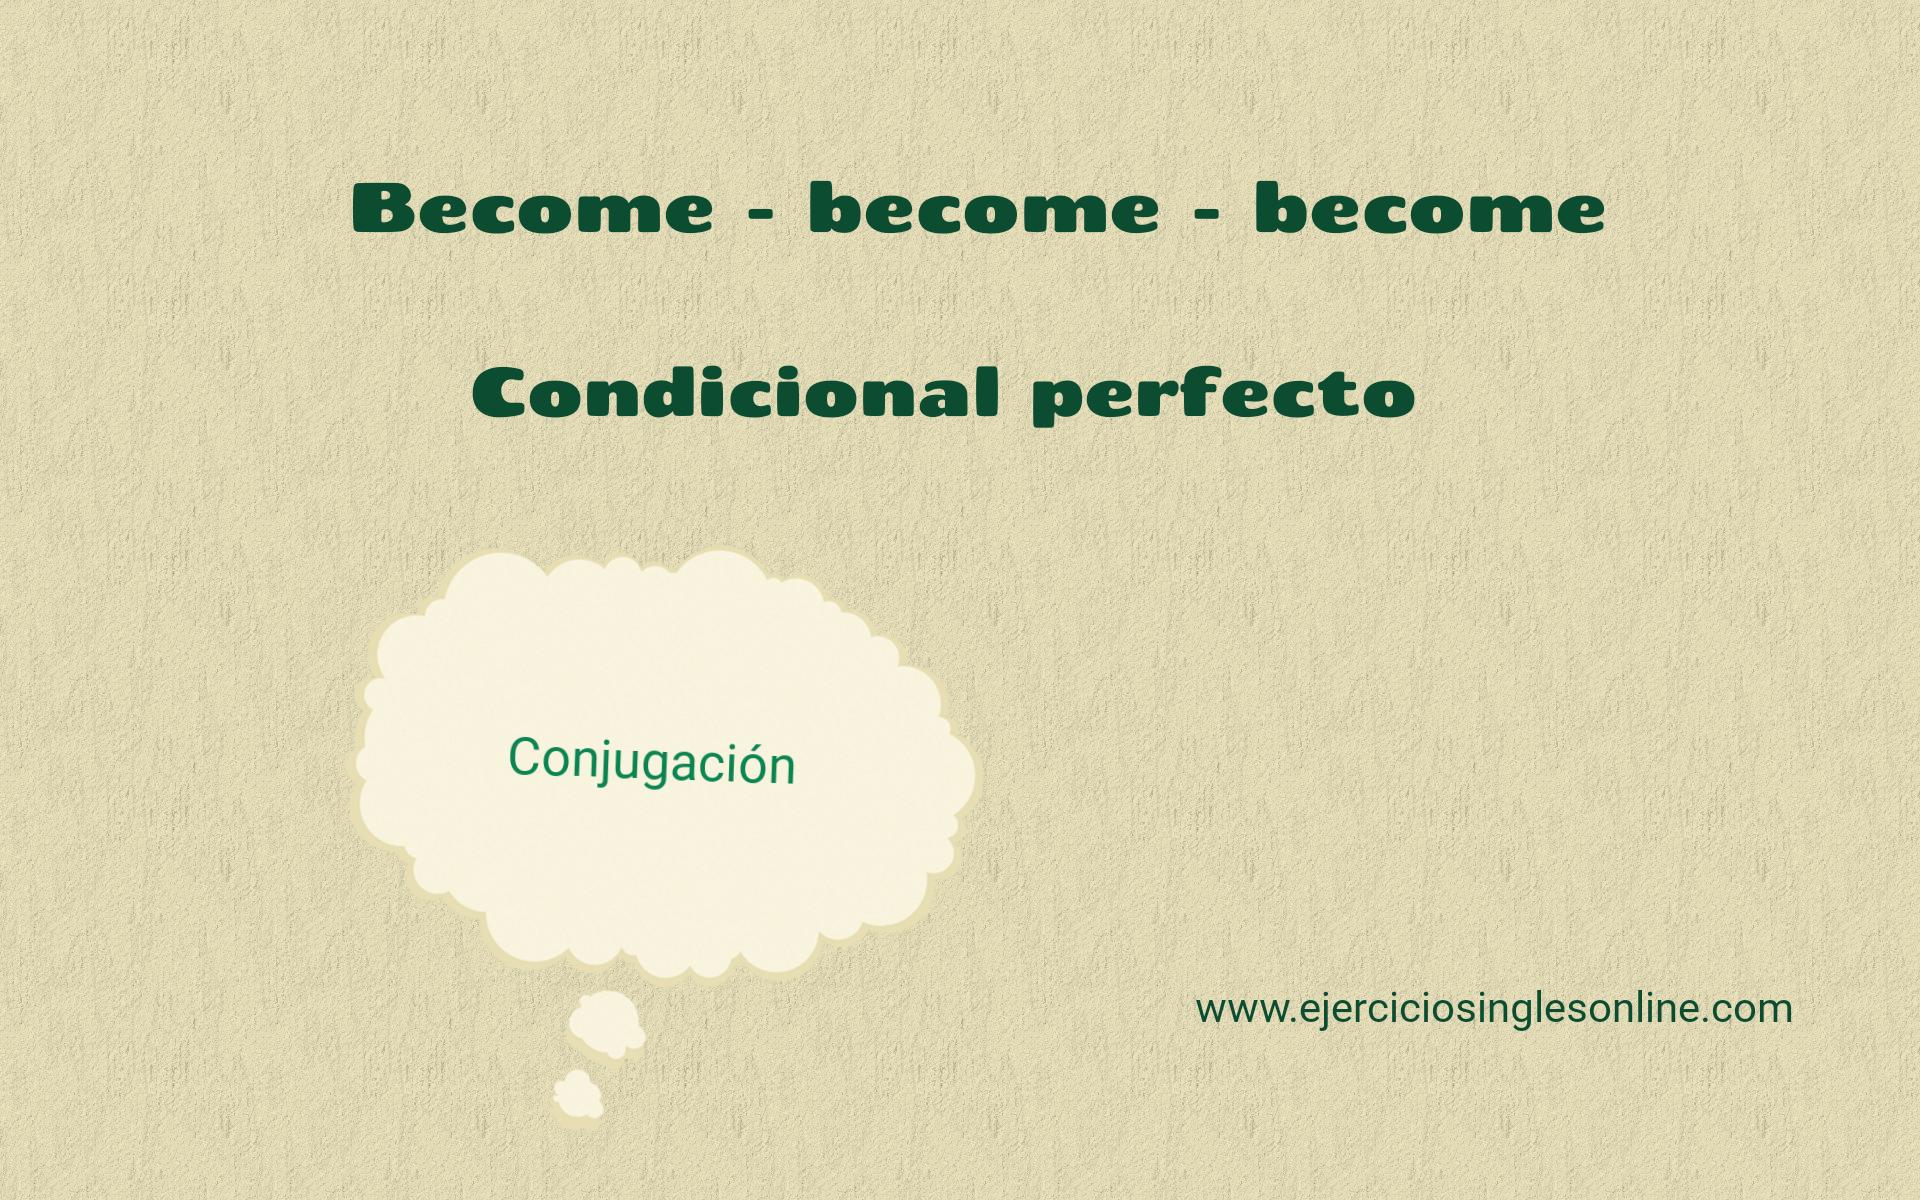 Become - Condicional perfecto